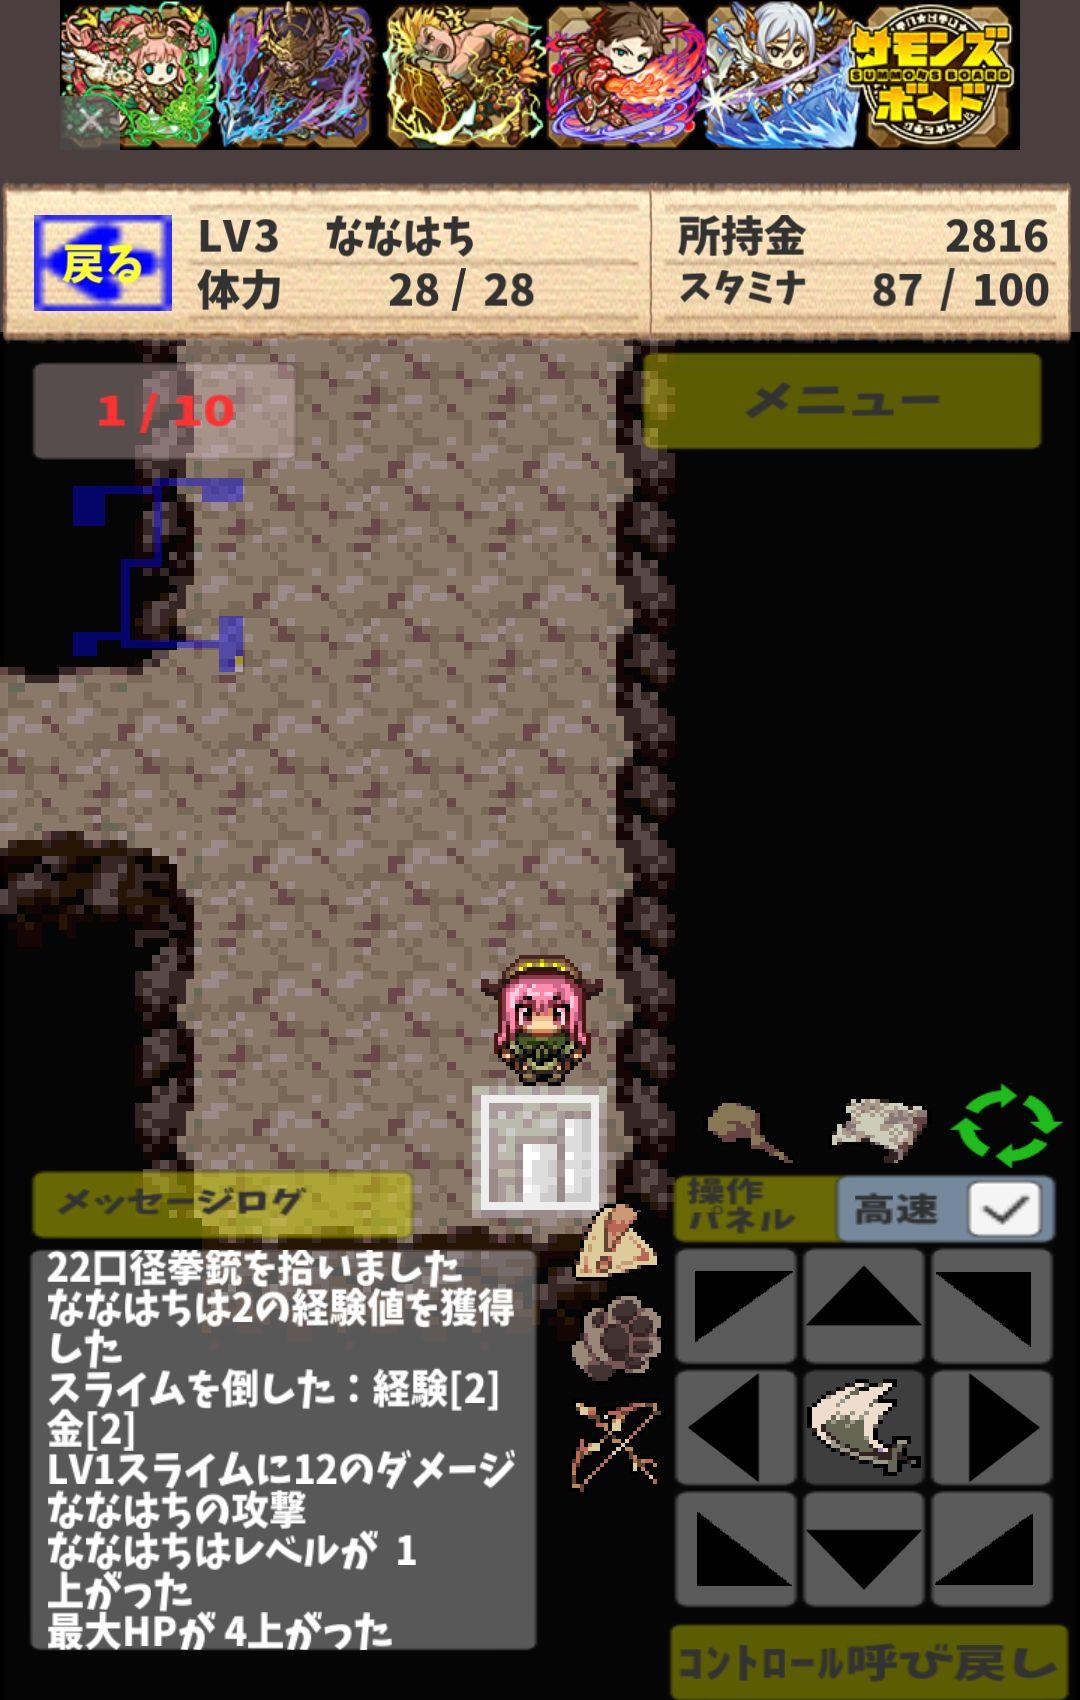 androidアプリ だんじょんあどべんちゃーせかんど攻略スクリーンショット3